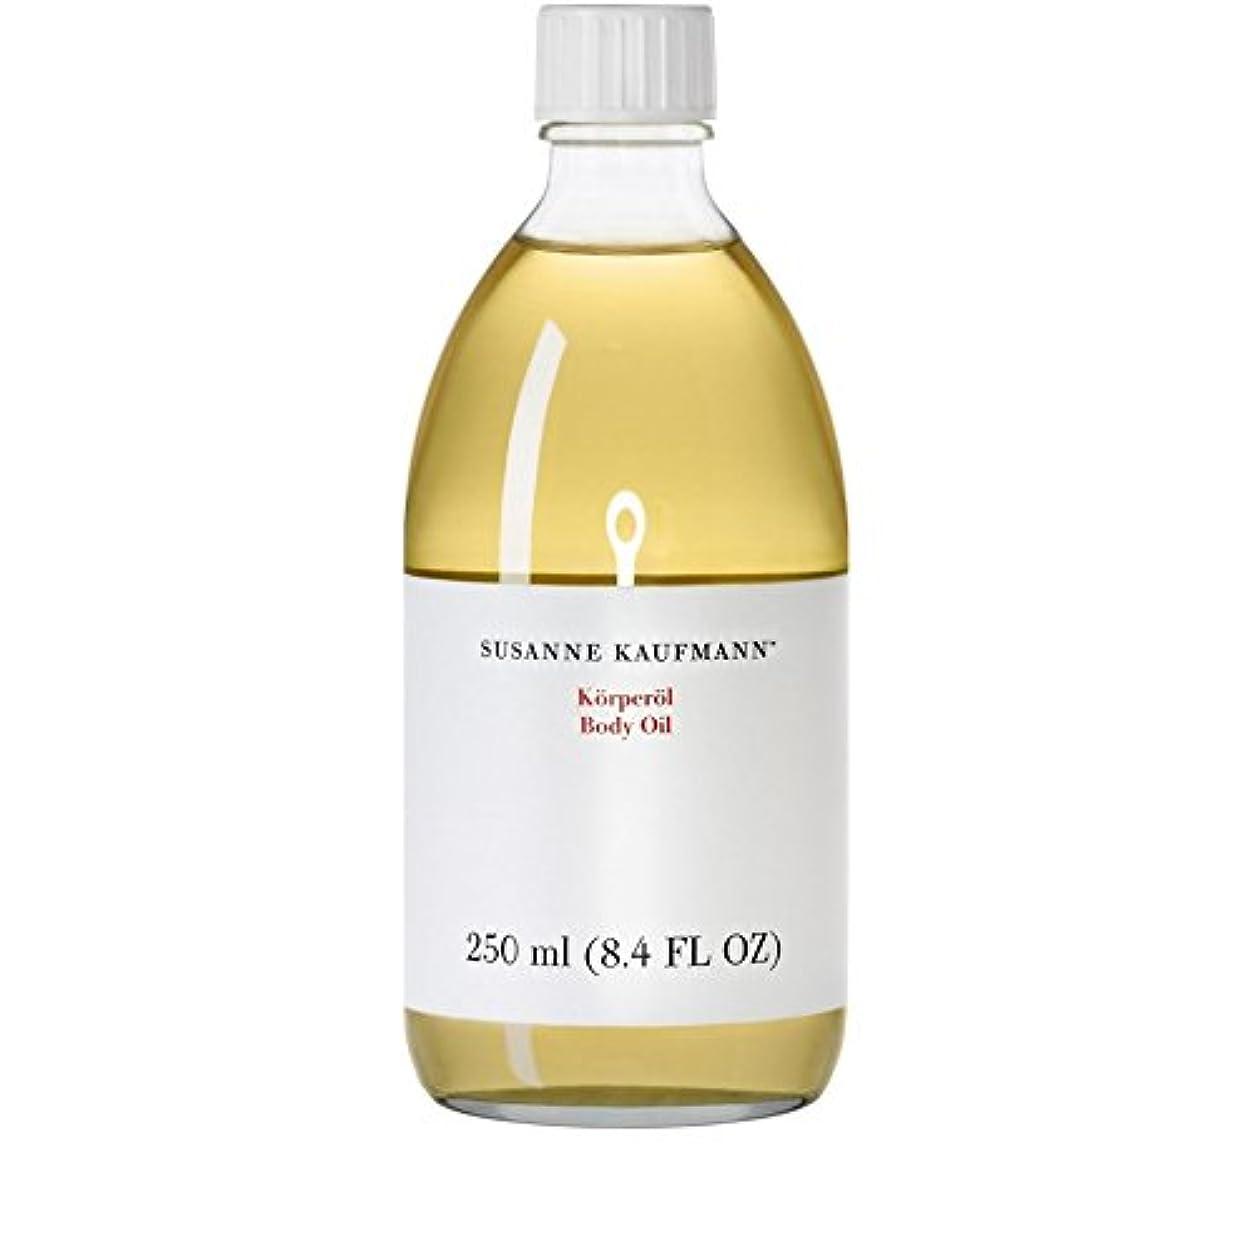 虐待不利手を差し伸べるSusanne Kaufmann Body Oil 250ml - スザンヌカウフマンボディオイル250ミリリットル [並行輸入品]